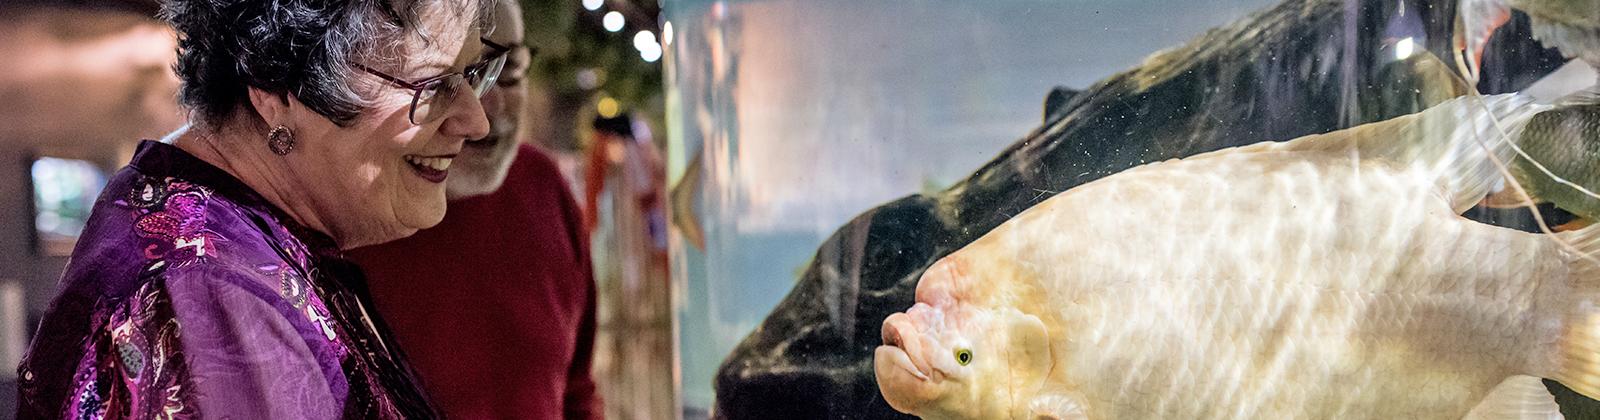 woman smiling at fish